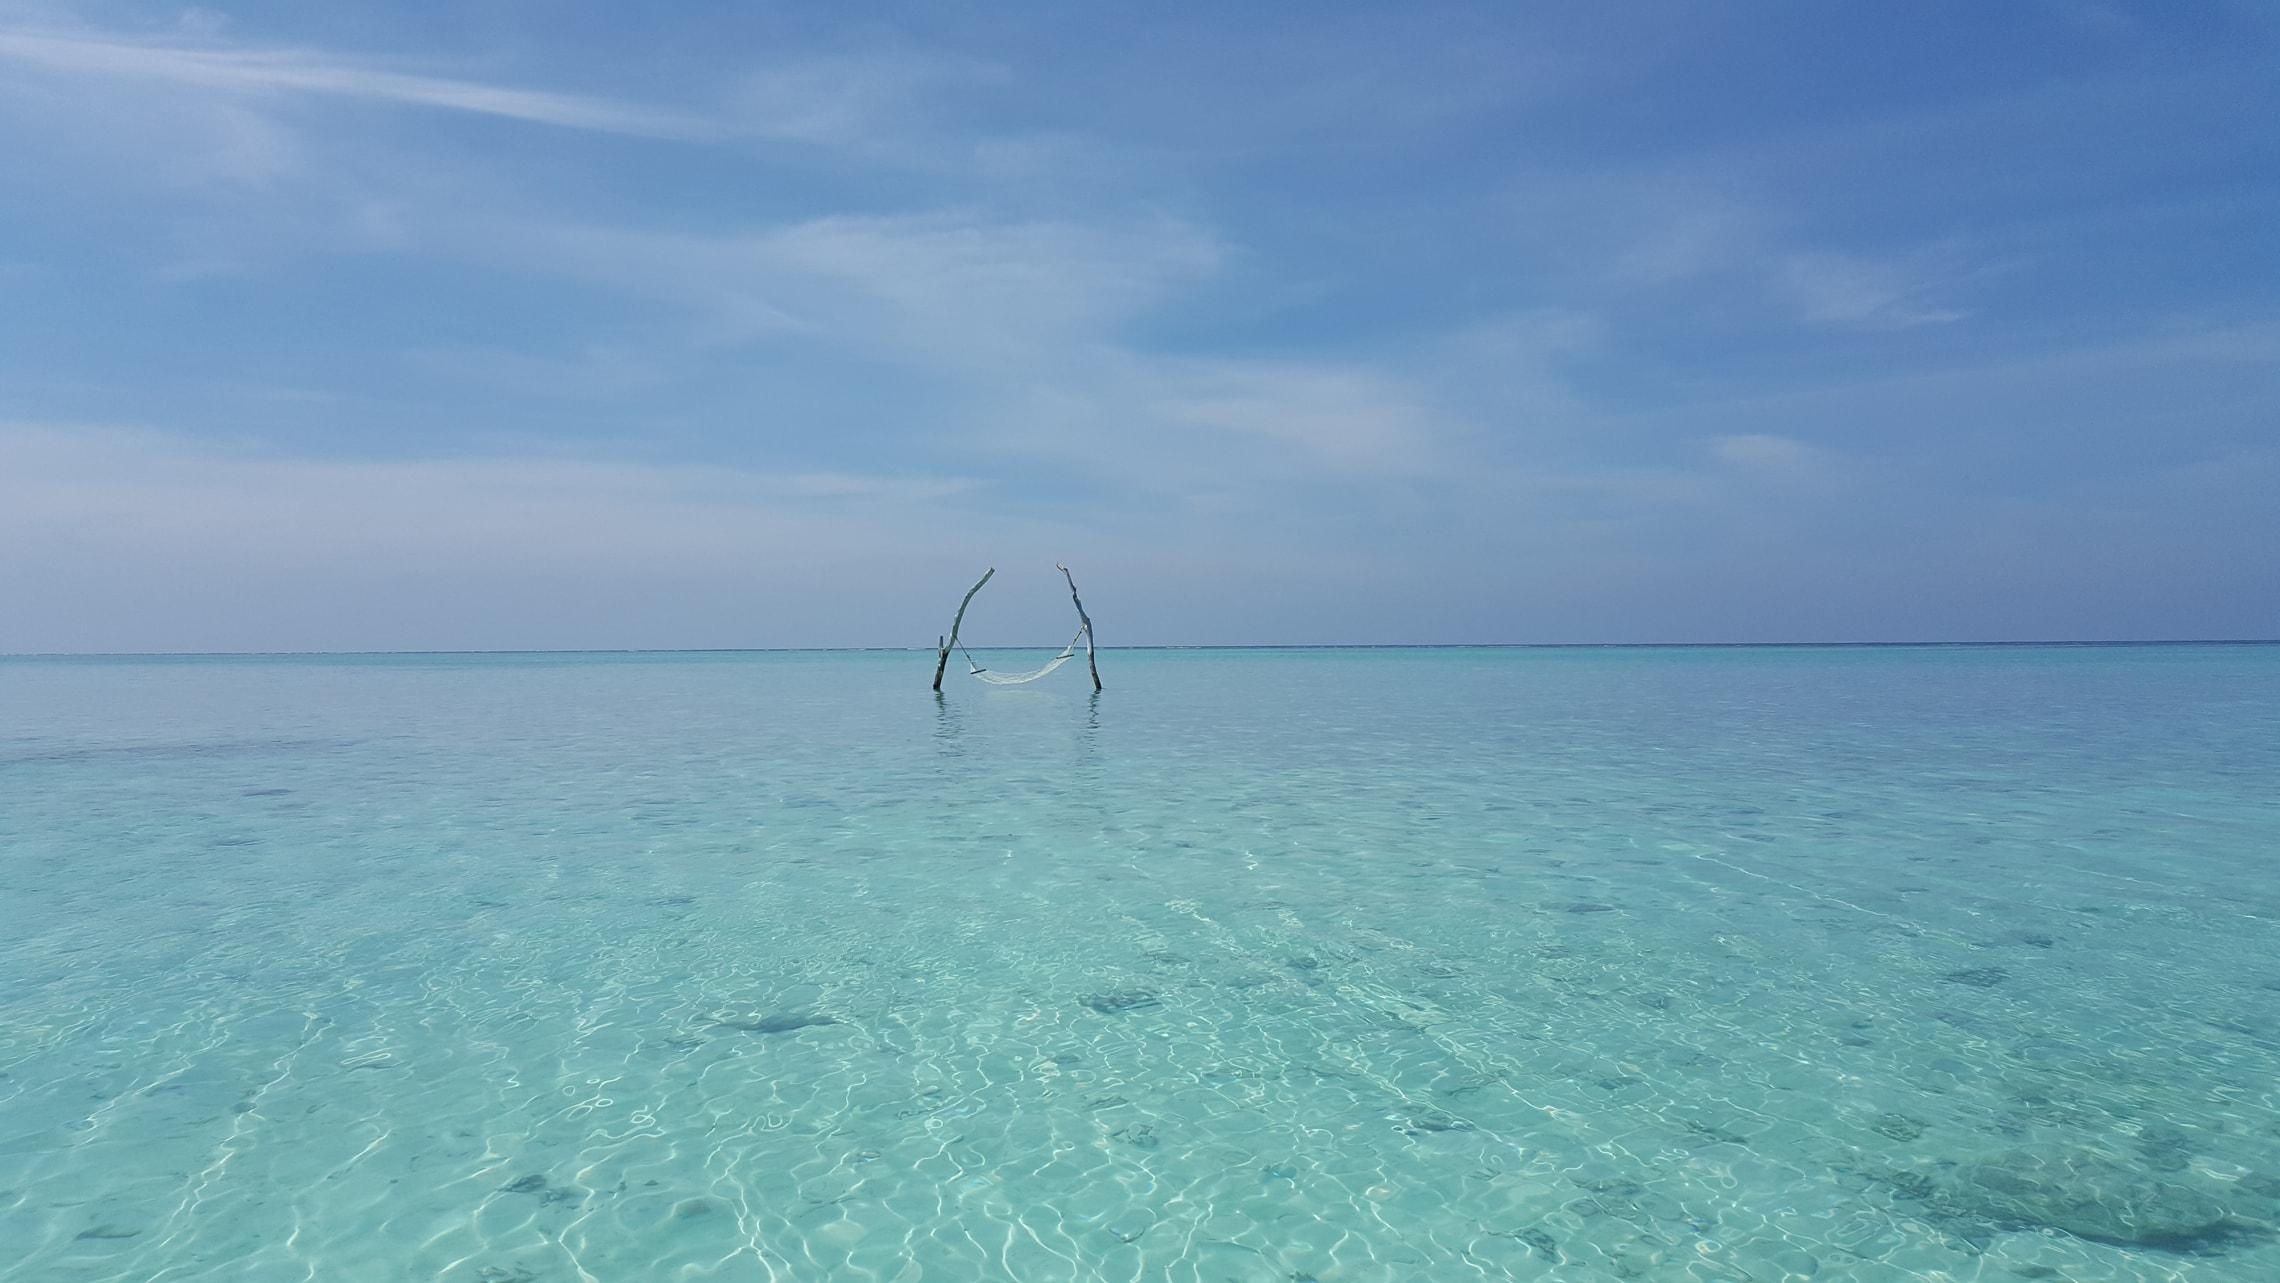 Hängematte im Meer auf den Malediven